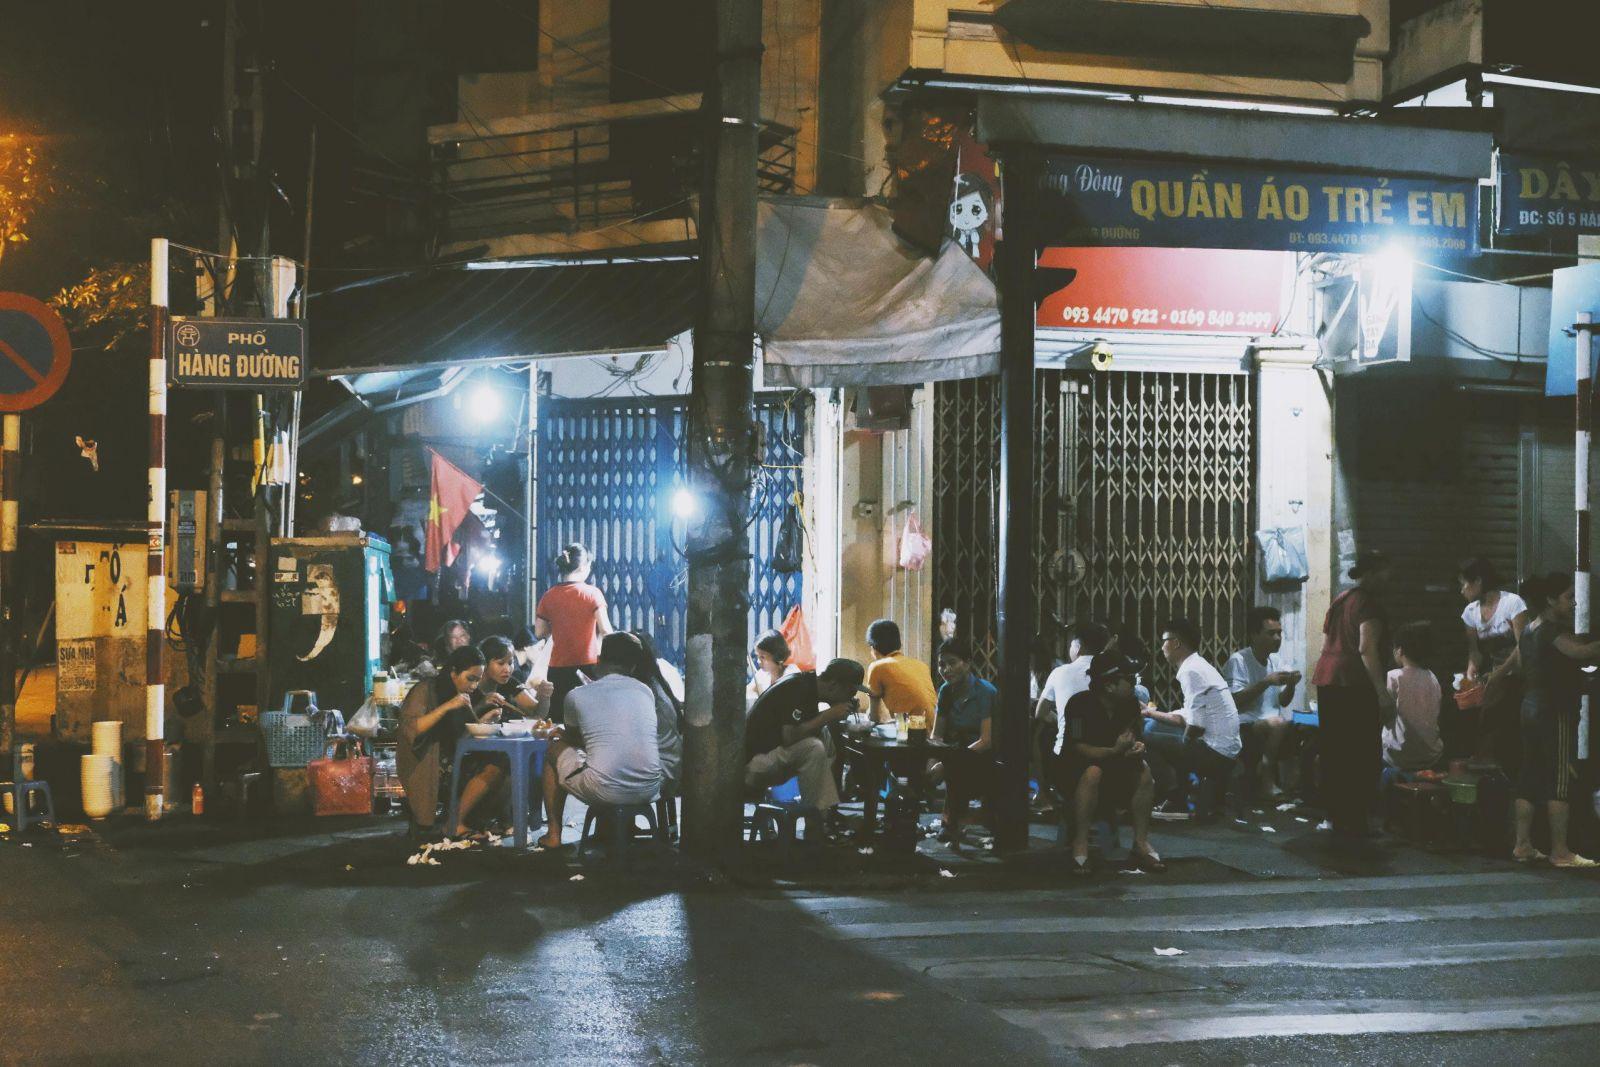 Quán phở gánh nổi tiếng nằm ở ngã tư Hàng Đường - Hàng Chiếu, chỉ mở bán lúc 3h sáng. (Ảnh: Hanoi TV)